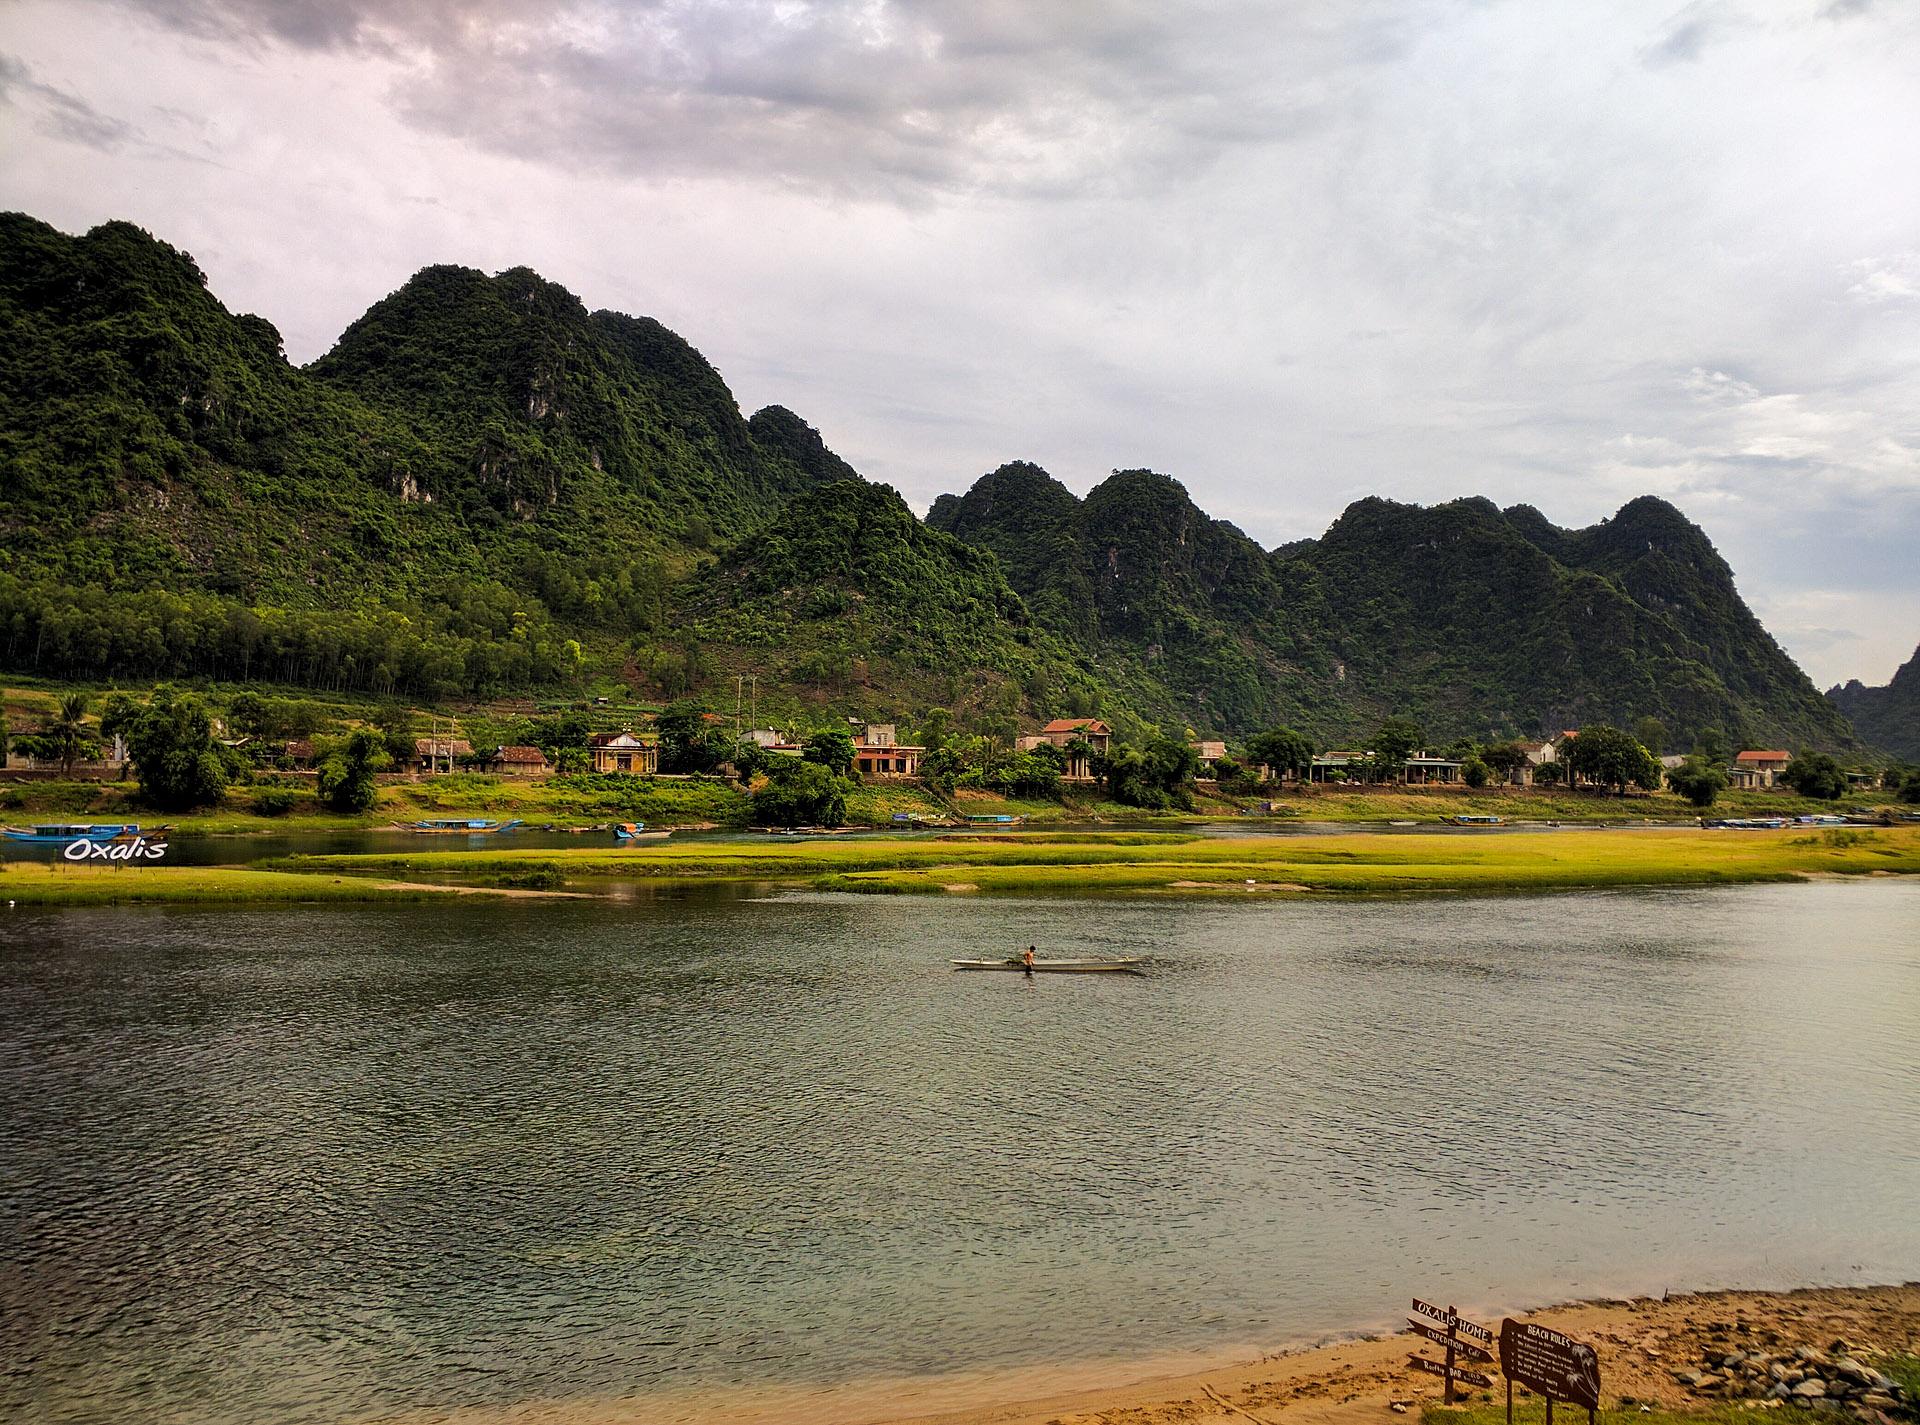 Côn River, Phong Nha-Ke Bang National Park